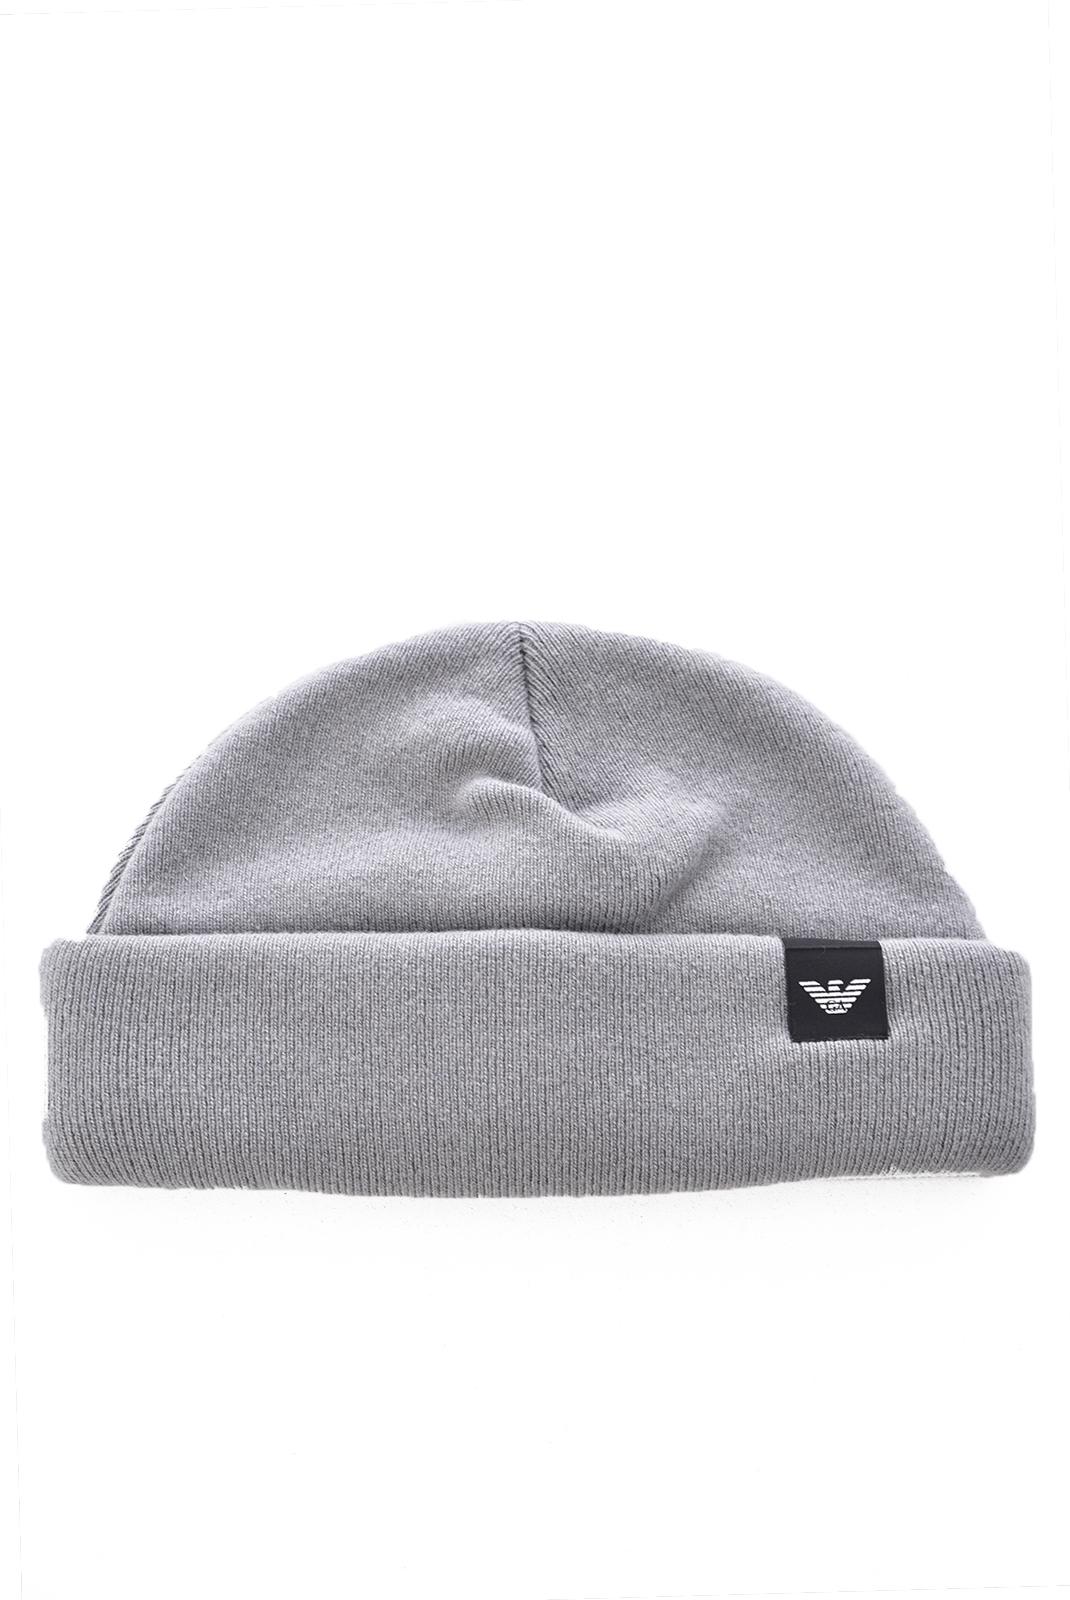 Bonnets / Casquettes  Emporio armani 6G1404 1MC2Z 0634 gris